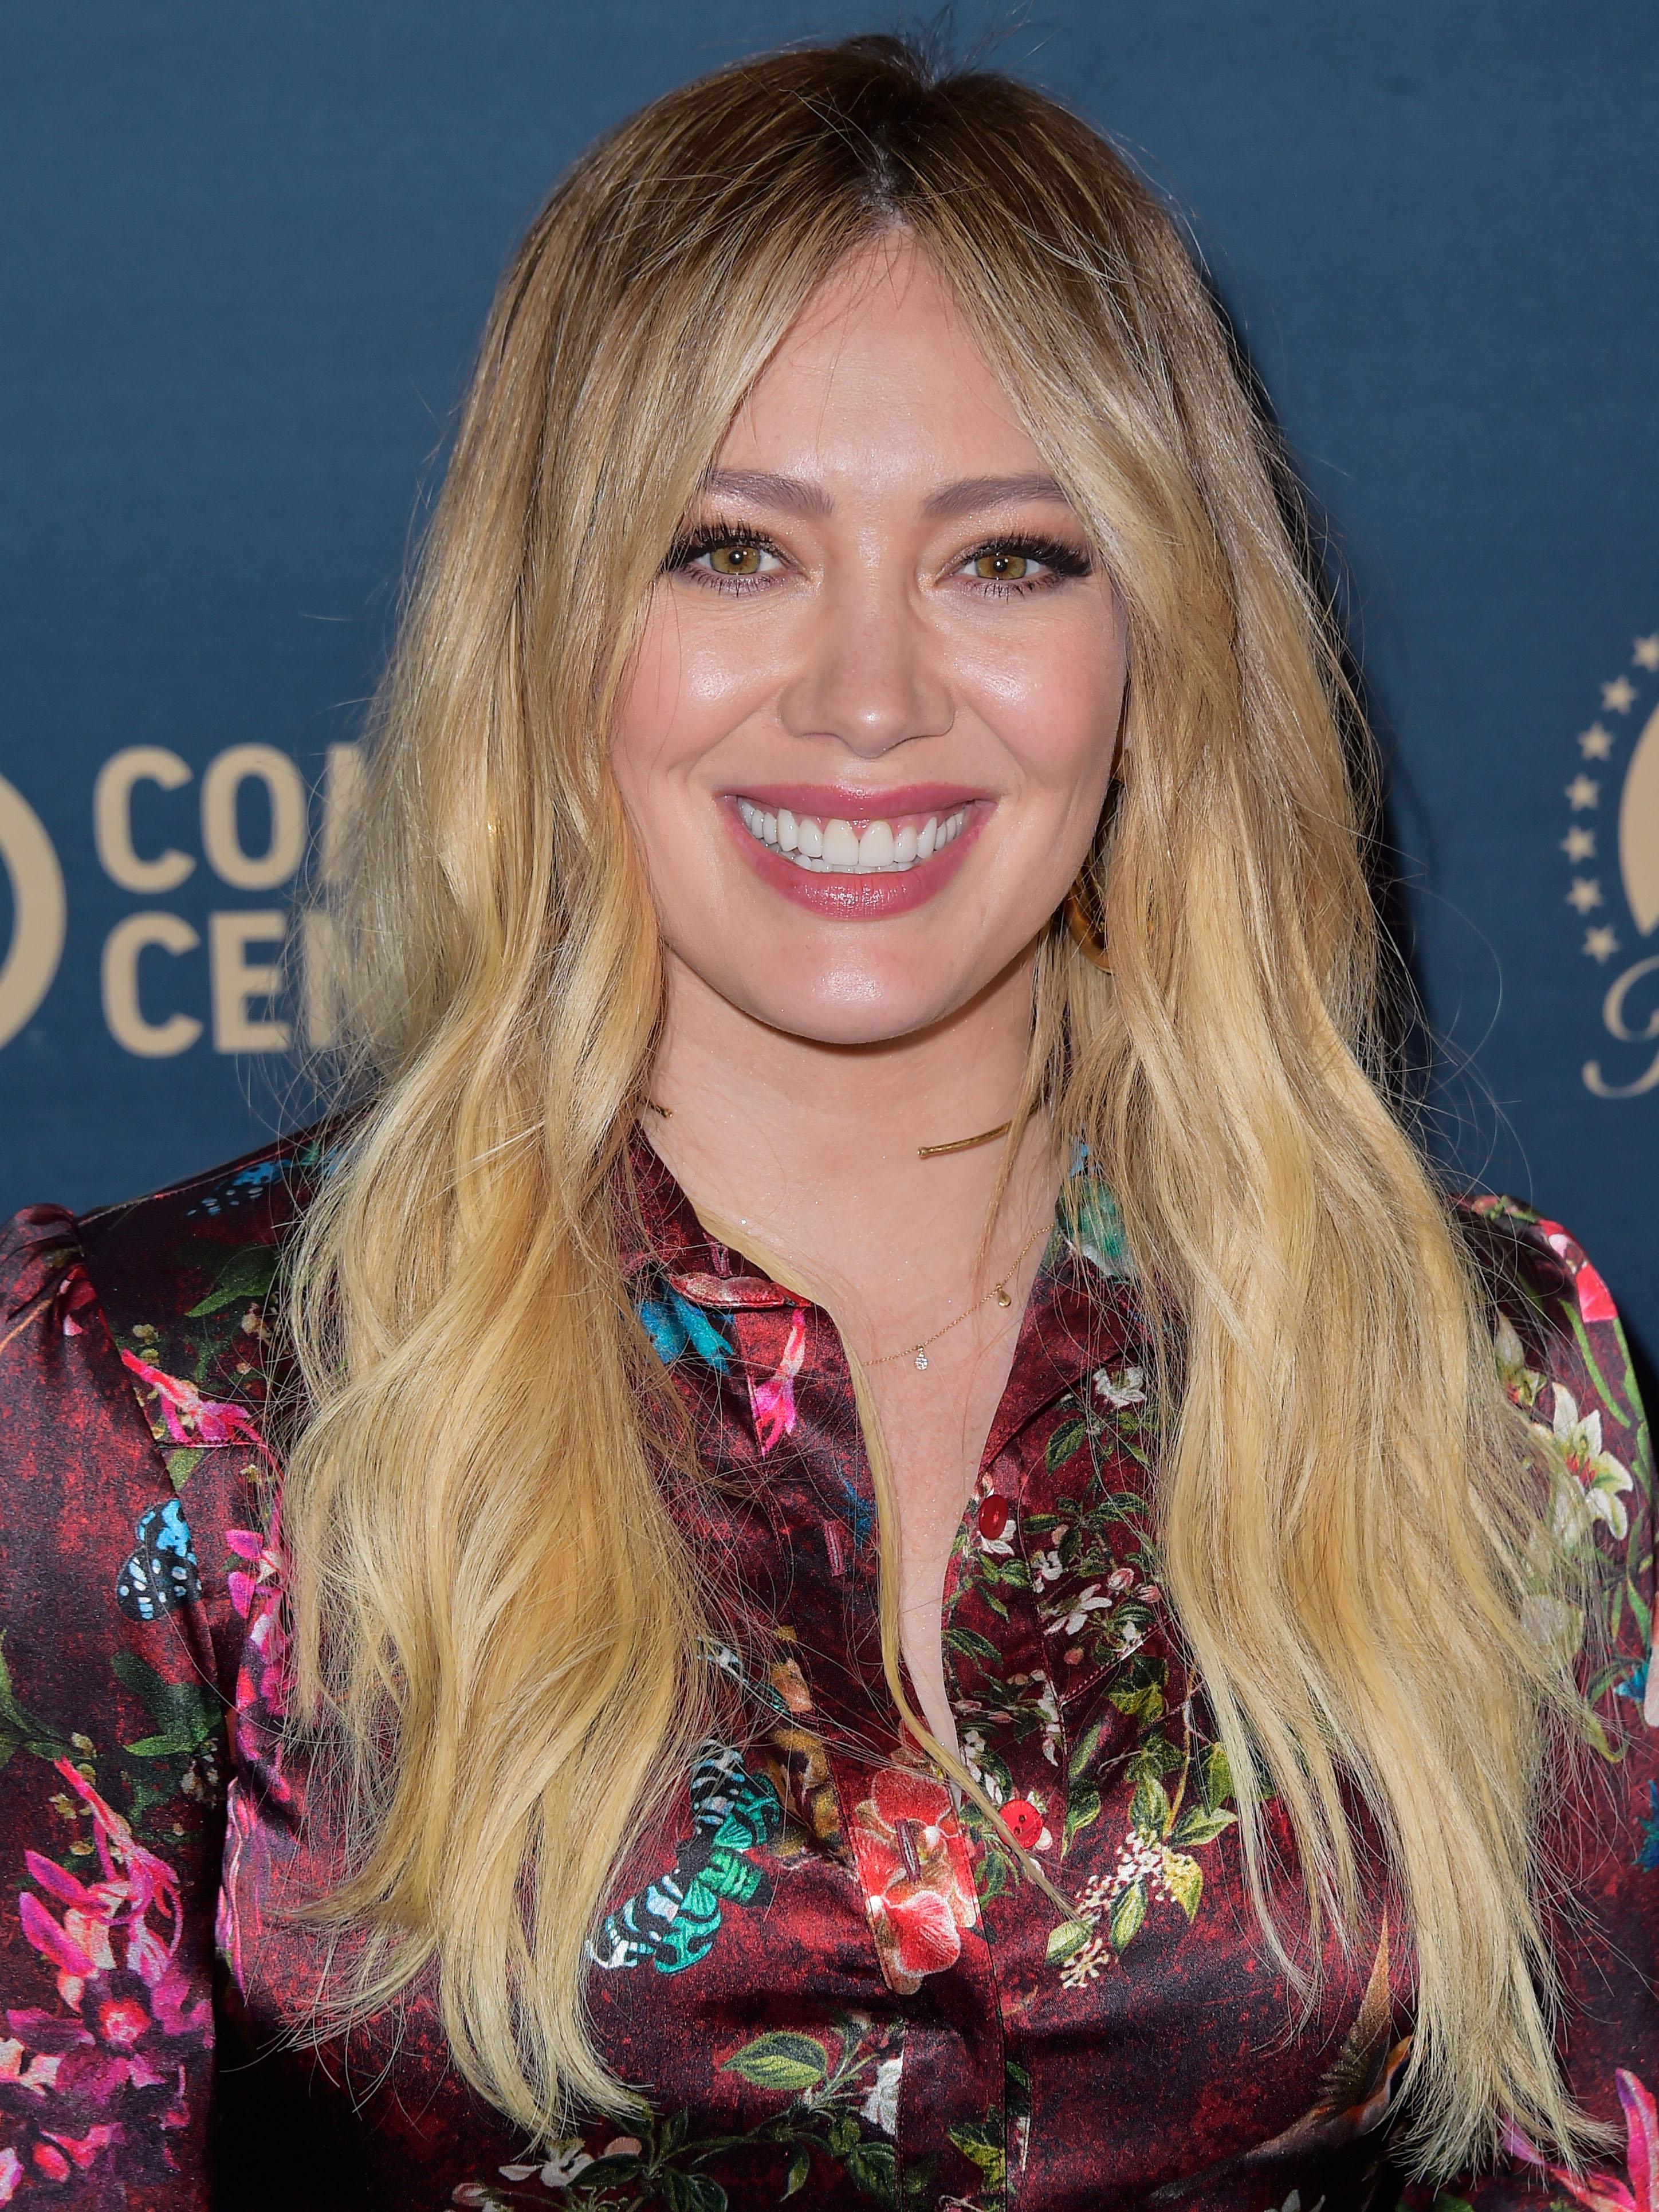 Η Hilary Duff μας δείχνει πώς κάνει το μακιγιάζ της! Πάτησε play!